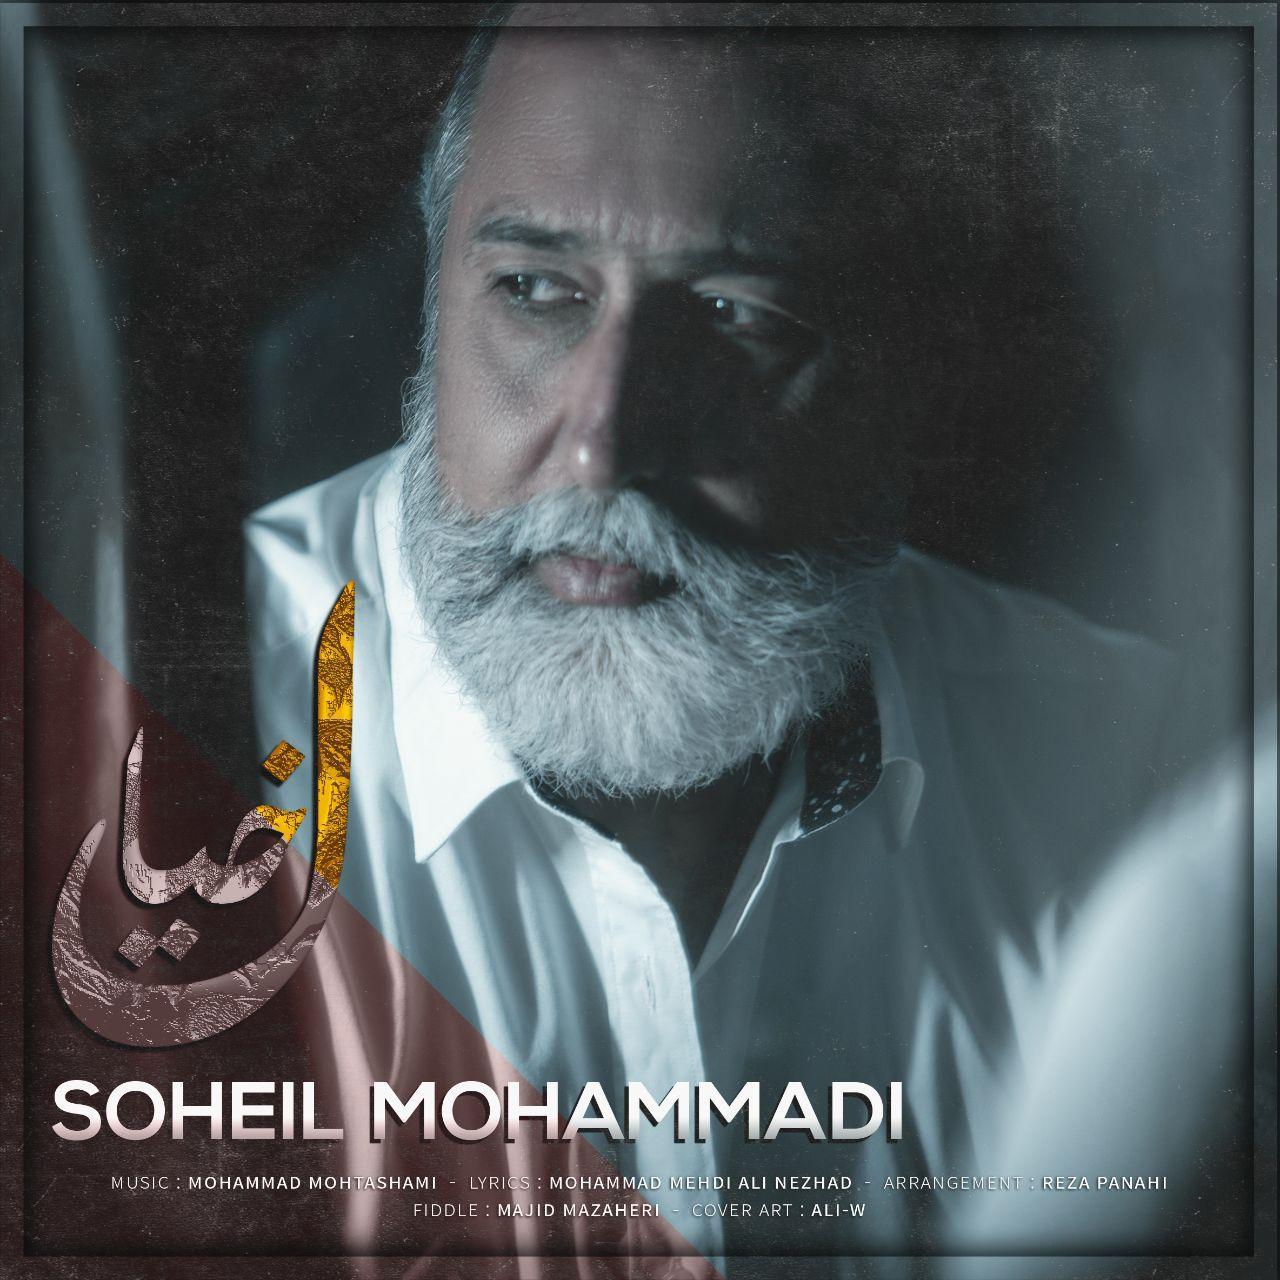 دانلود موزیک جدید سهیل محمدی خیال